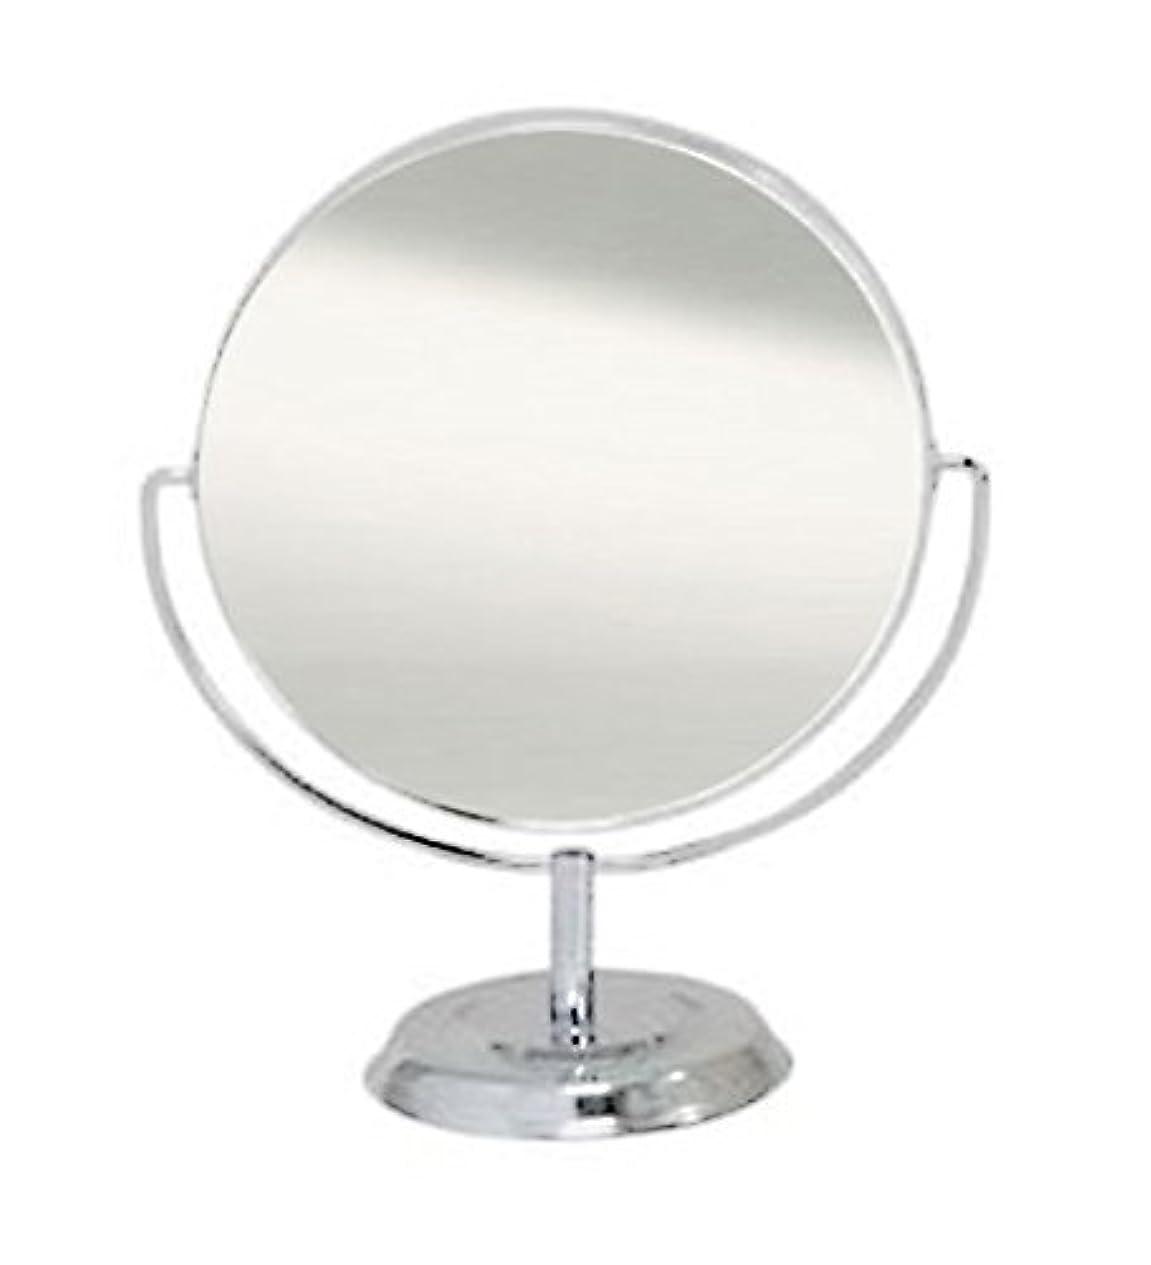 フォアマンパイプライン迷信鏡 卓上ミラー 丸型 両面 拡大鏡約2倍付 No.5860 シルバー